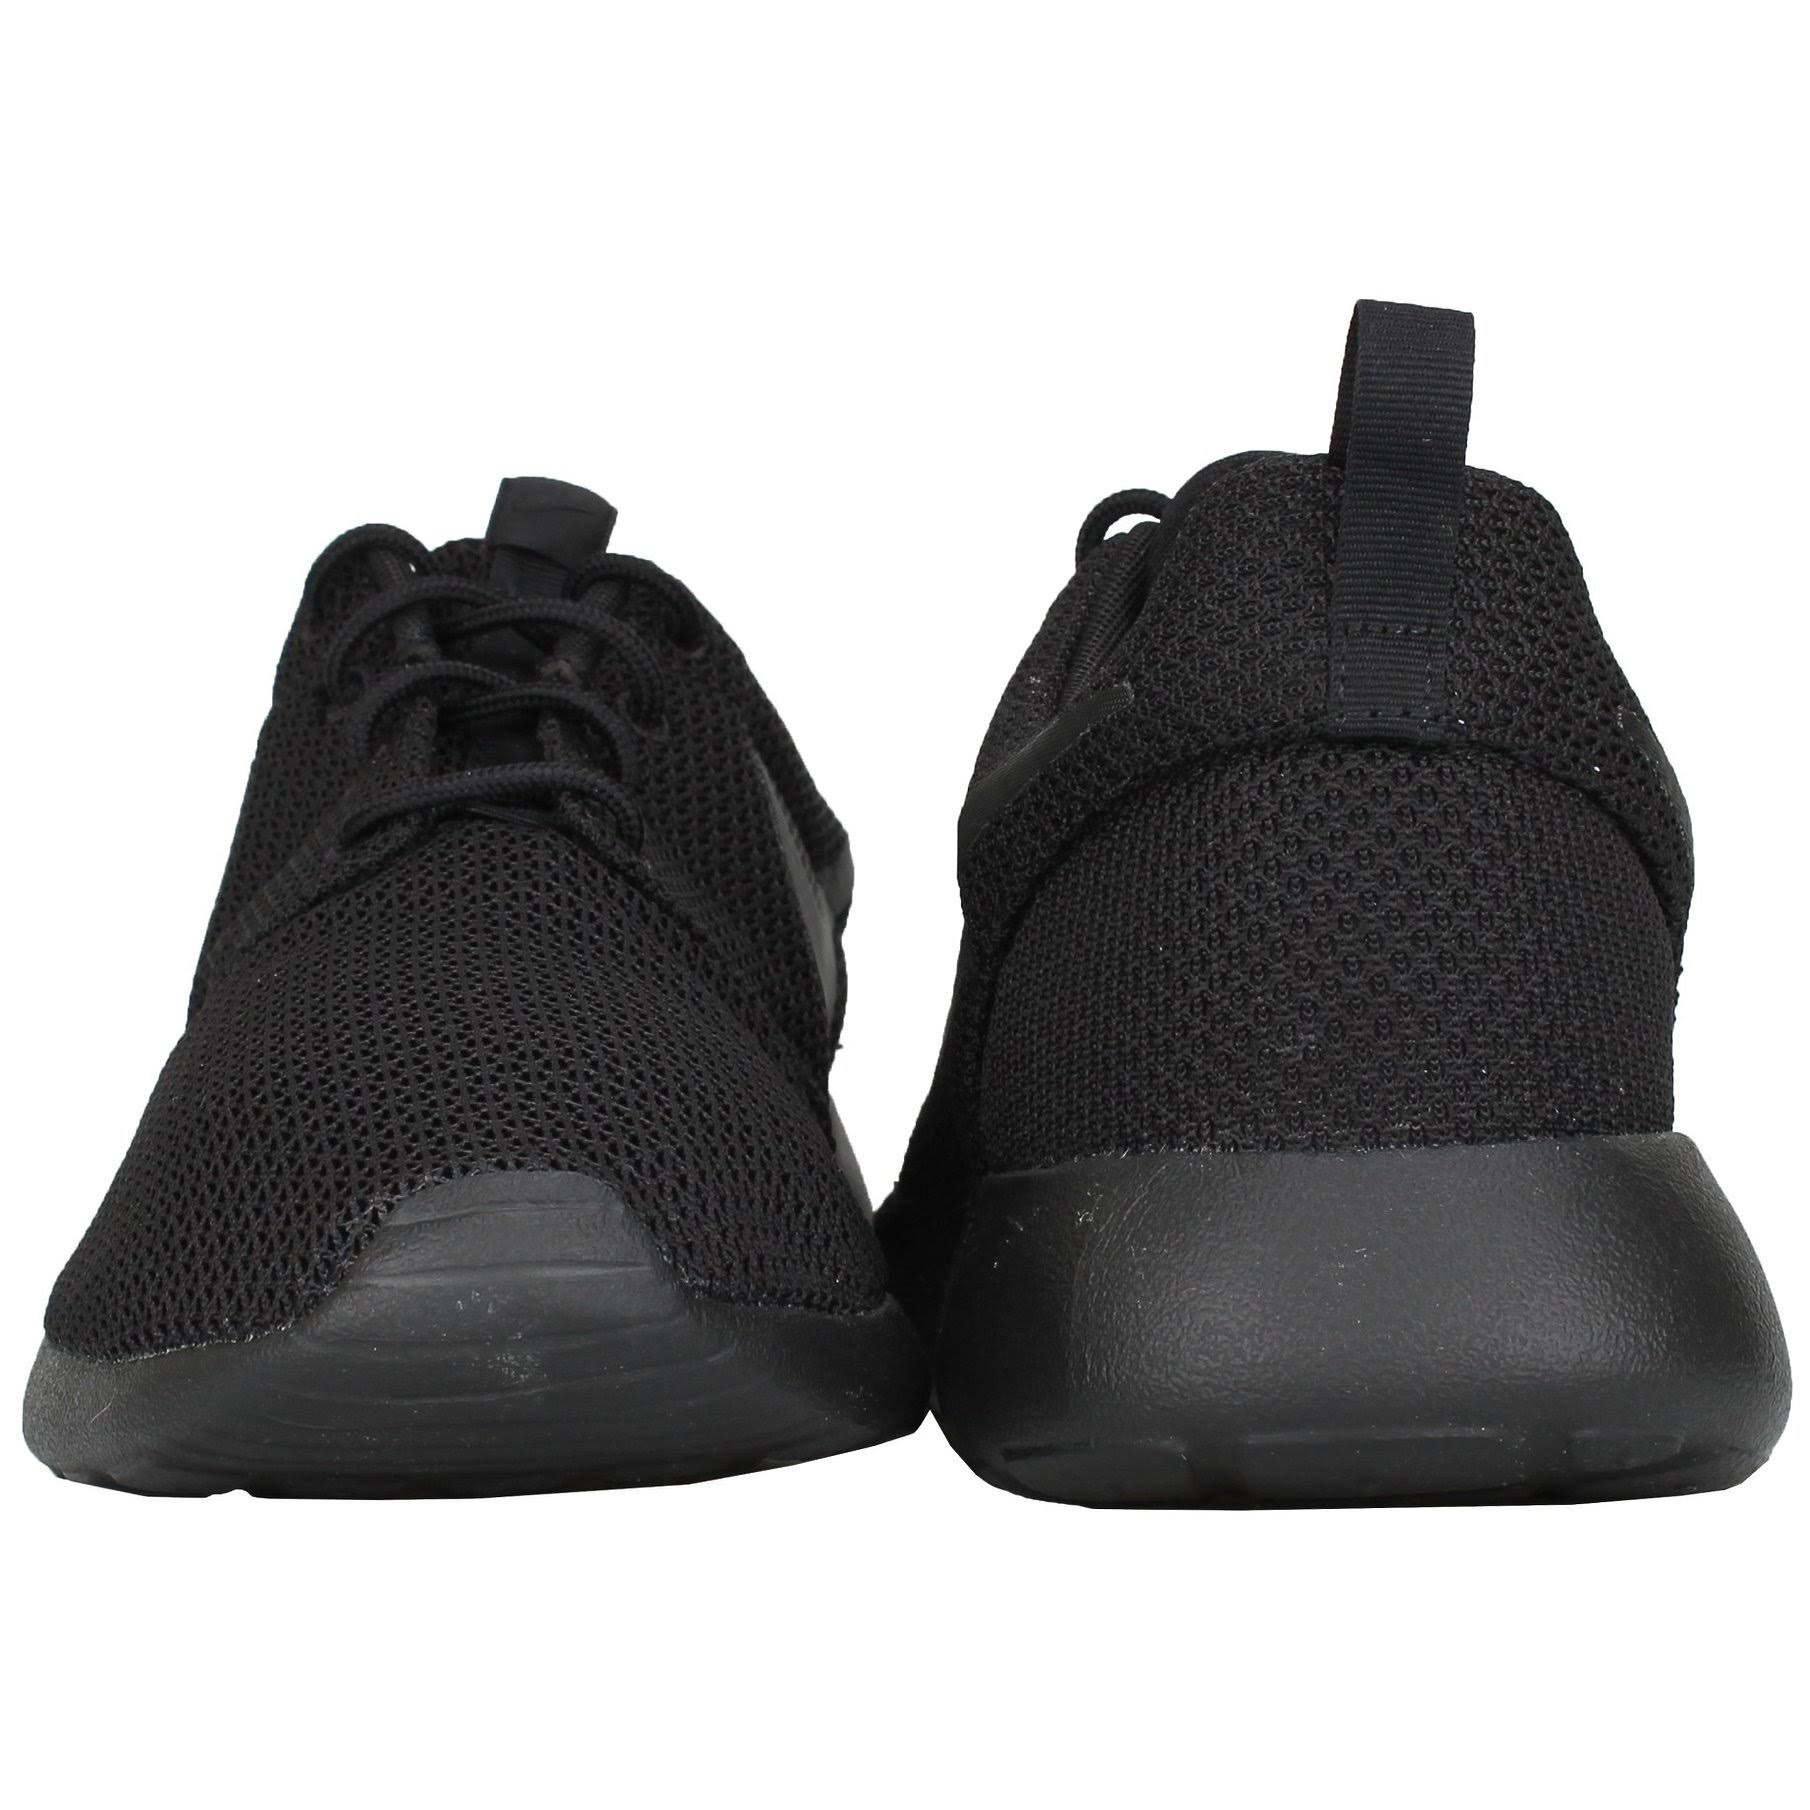 511881026 Nike Roshe 5 One Shoes Size Black 11 black Mens YFFwHf